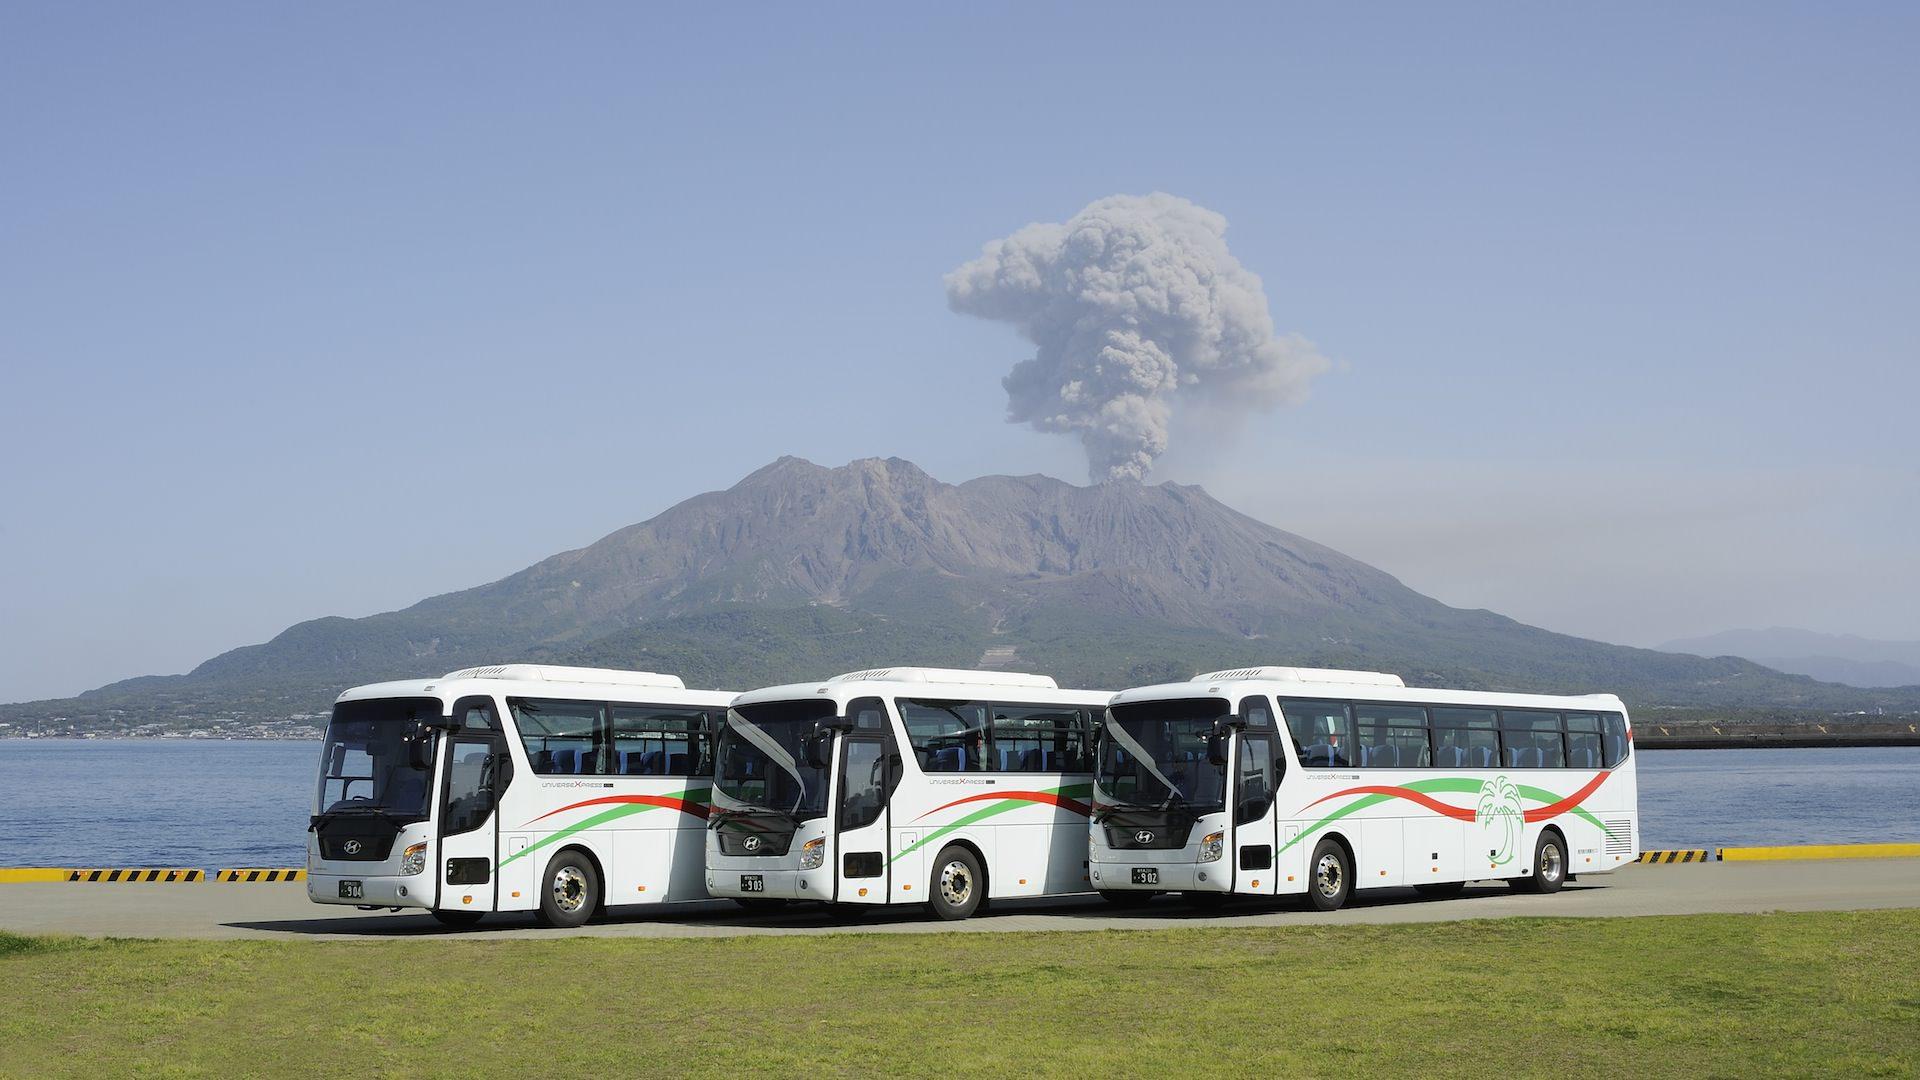 鹿児島県内を網羅するバスネットワーク